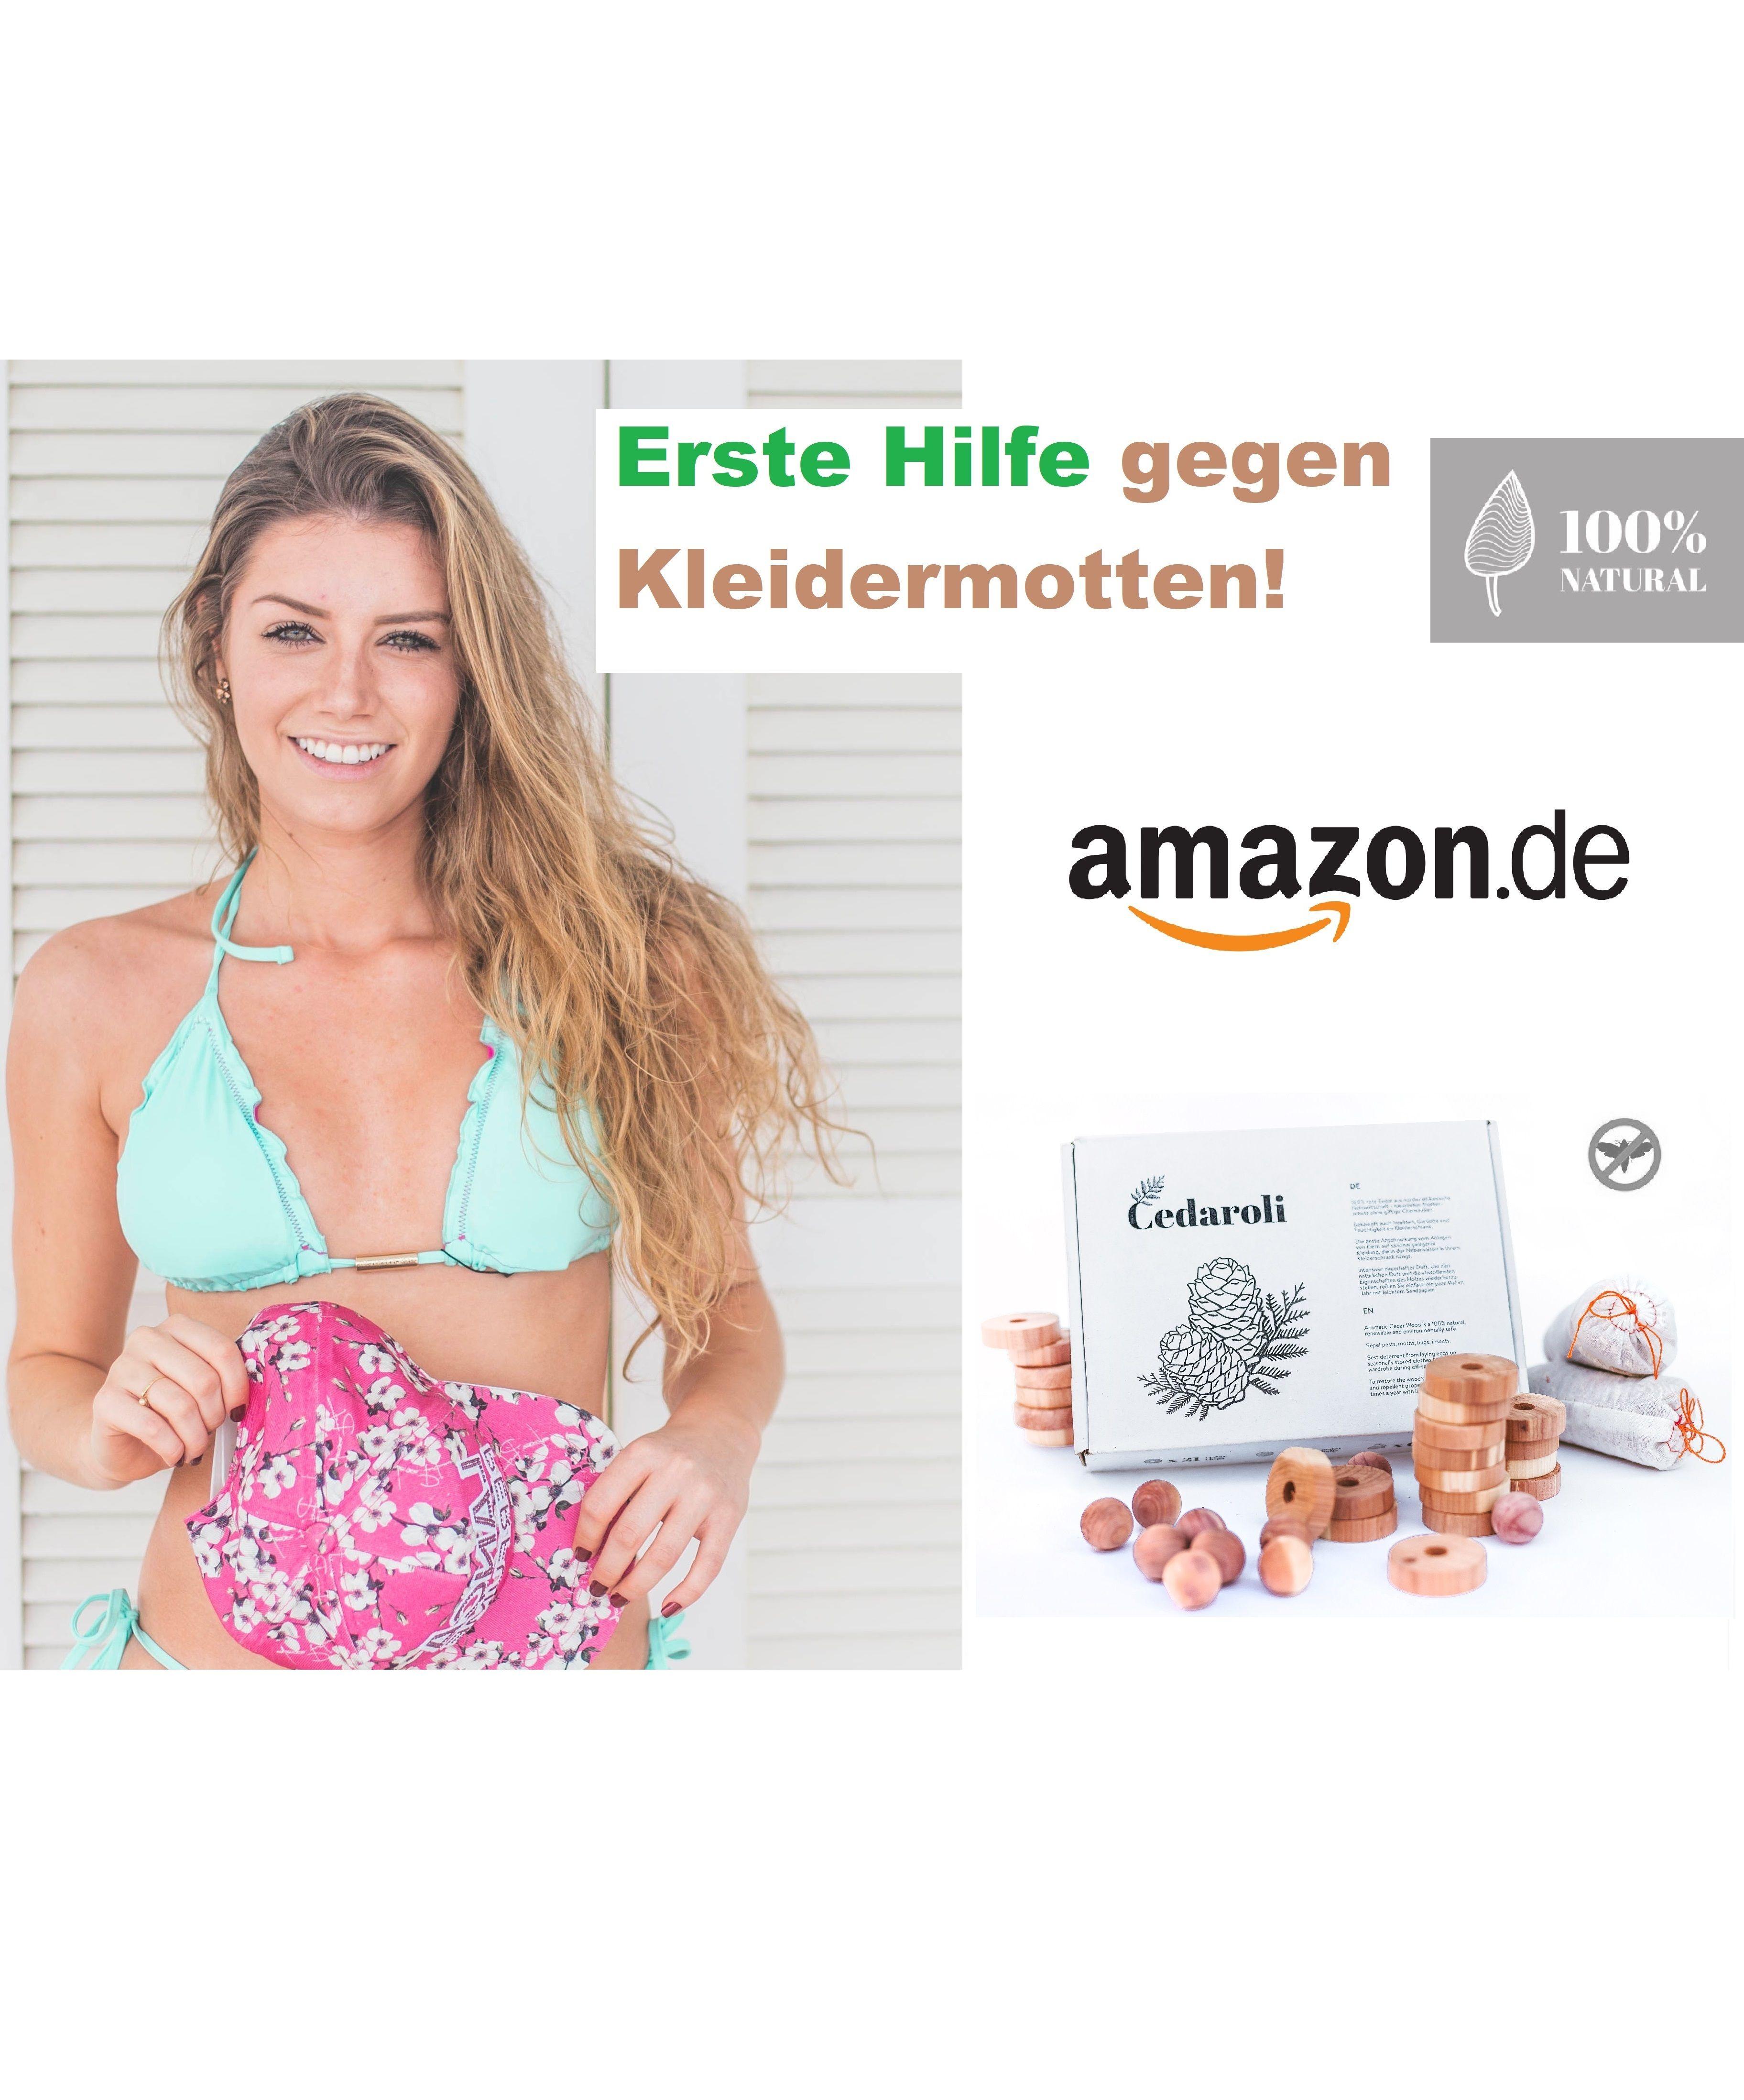 Mottenschutz Kleiderschrank Cedar Zedernholz Motten Kleidung Kleidermotten Mottenschutz